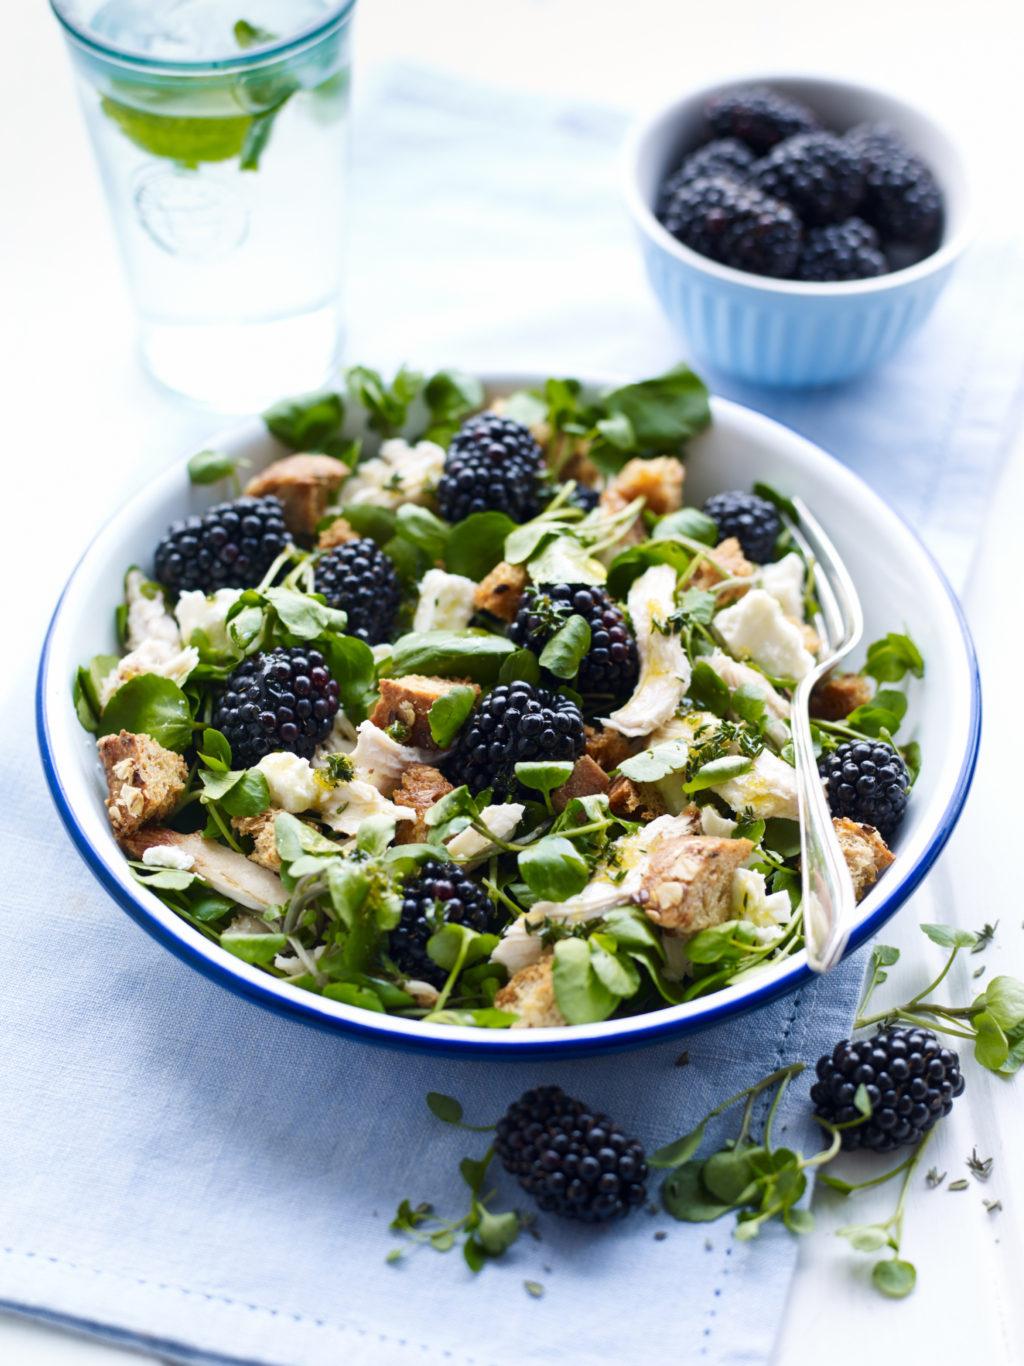 Berry World Chicken and Blackberry Salad 75isq2au2